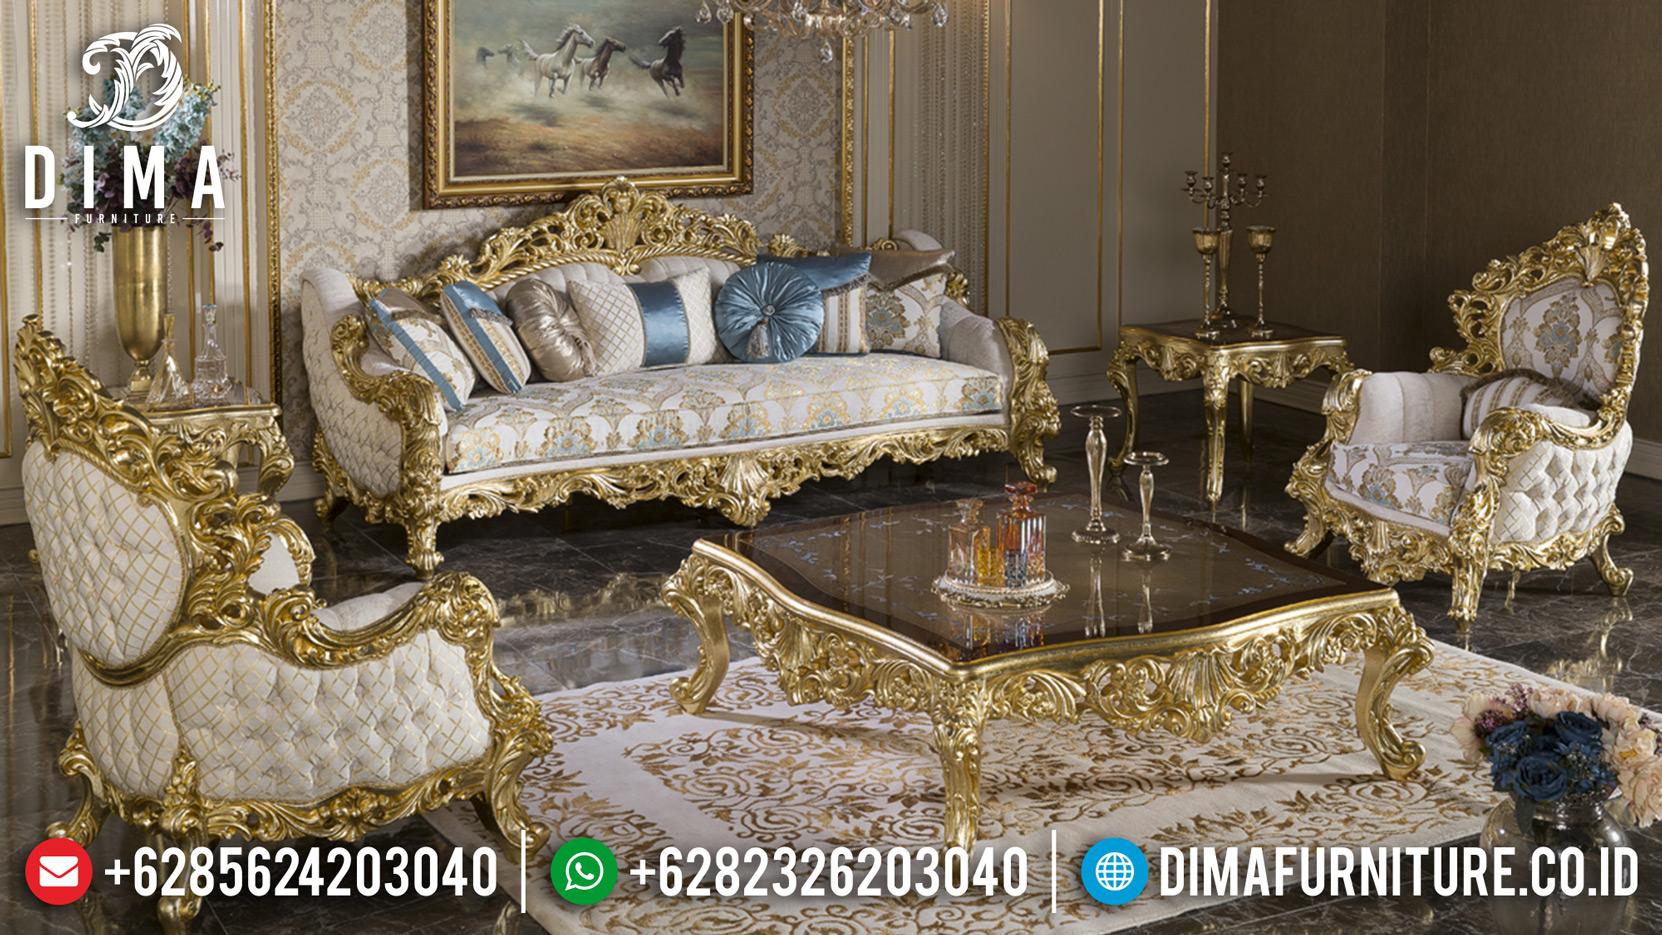 Kursi Ruang Tamu Mewah, Sofa Tamu Mewah Jepara, Sofa Ukiran Jepara MMJ-0044